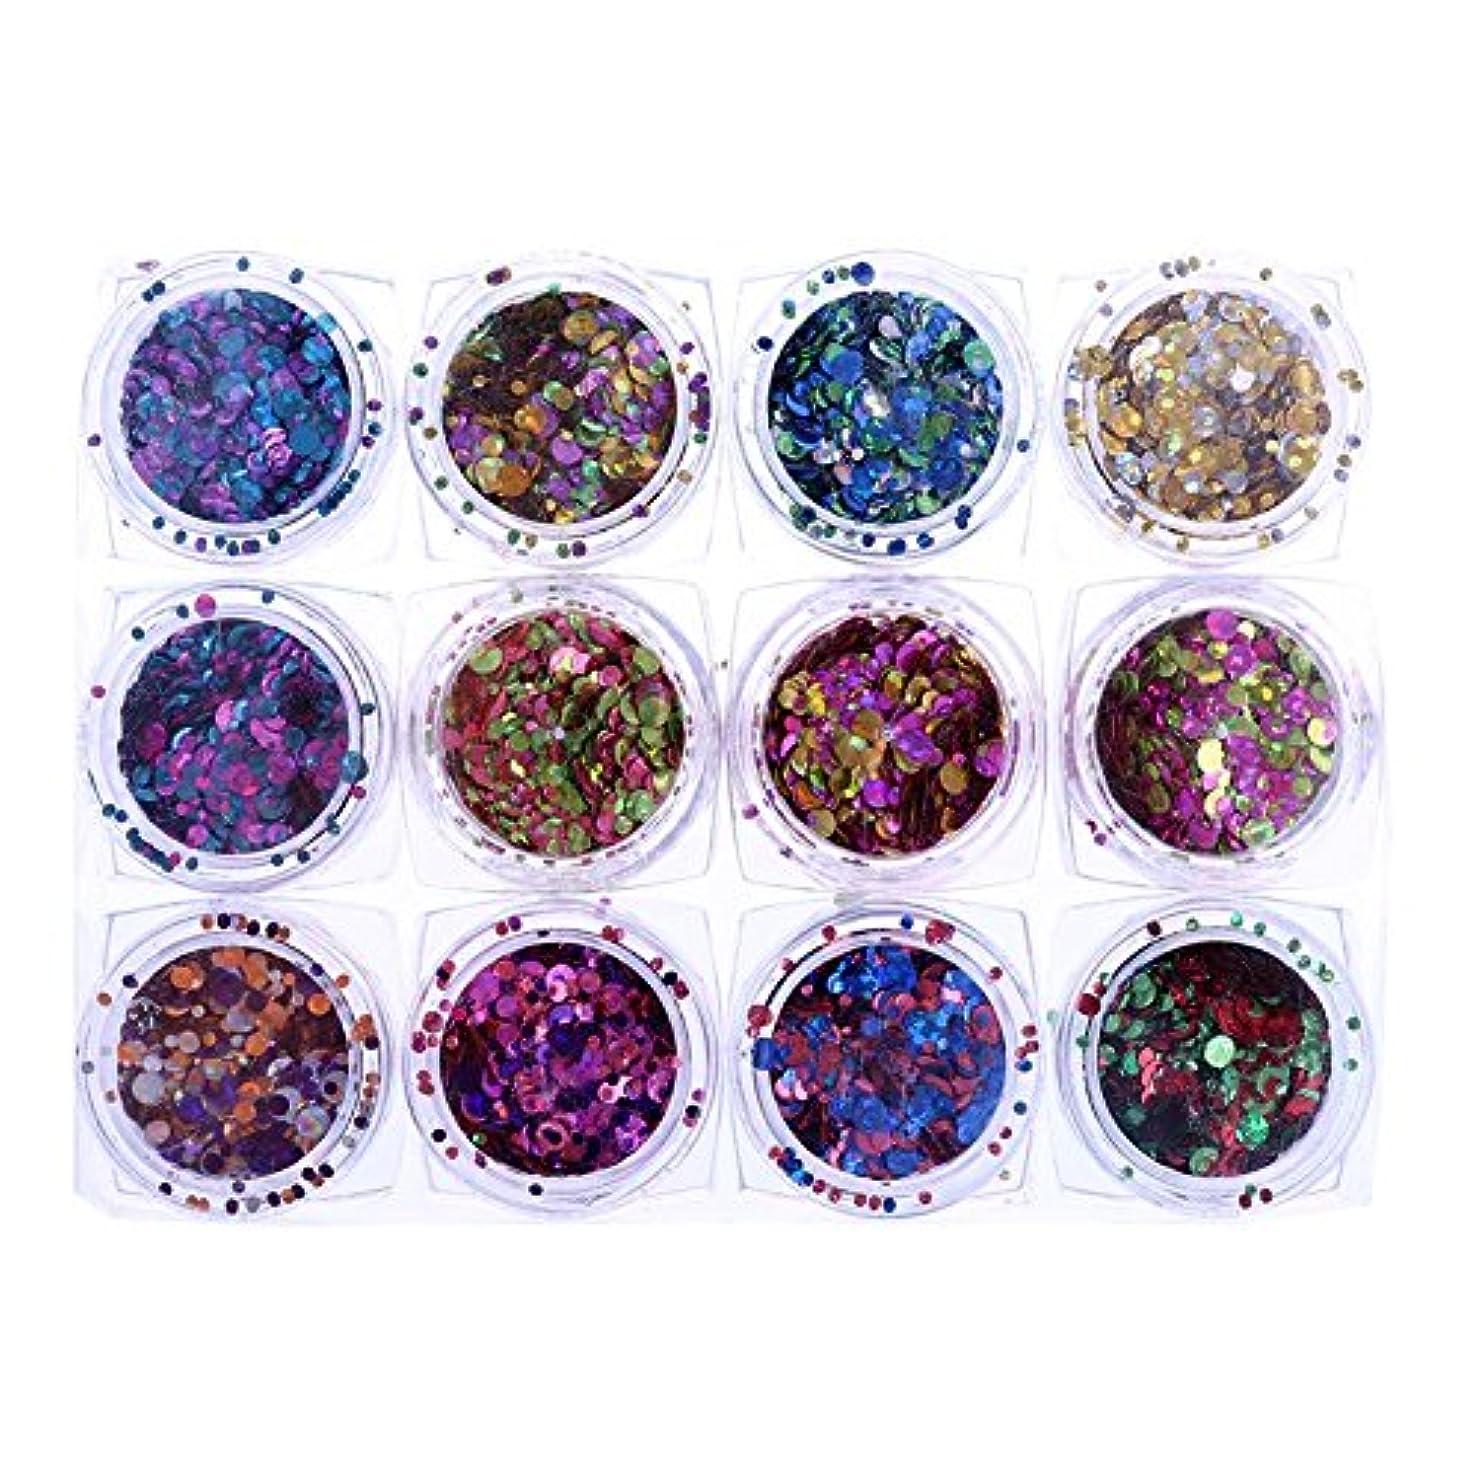 長方形想像するアジャDemiawaking ネイルアート キラキラネイルスパンコール マニキュアネイルアートデコレーション 12種類/セット ブリオー ネイル デコ用 人気セット